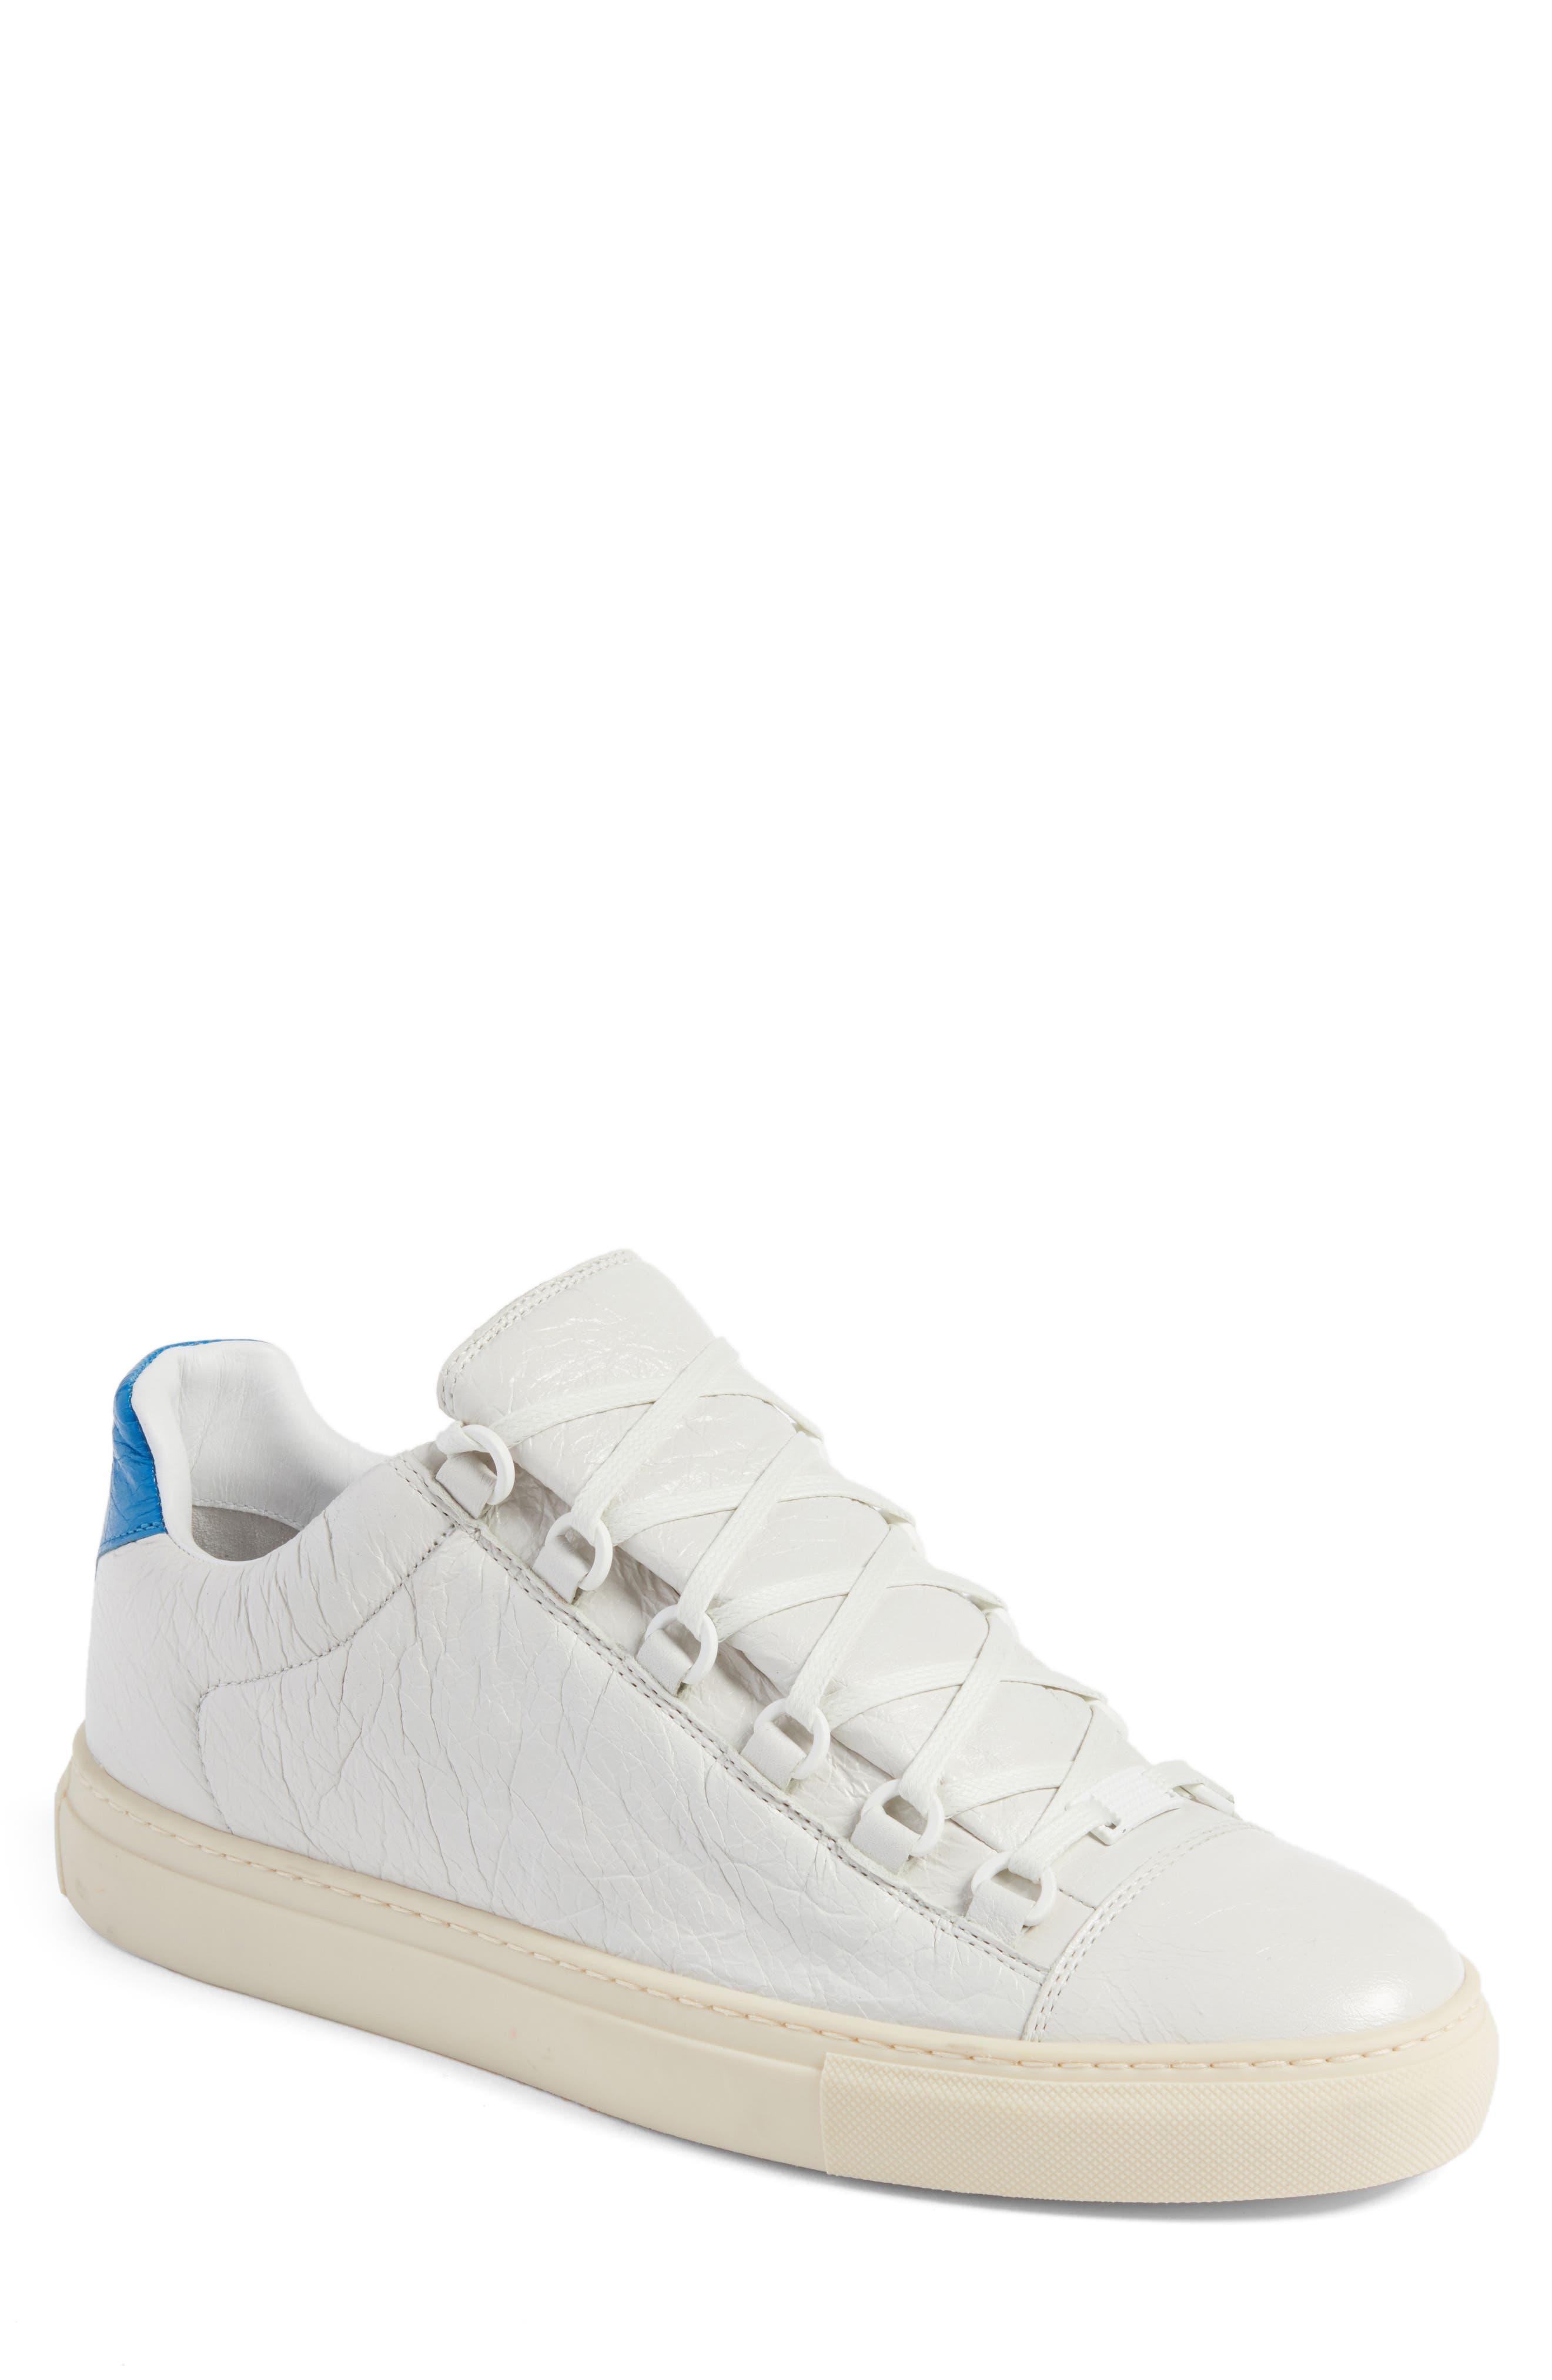 Arena Low Sneaker,                             Main thumbnail 1, color,                             105